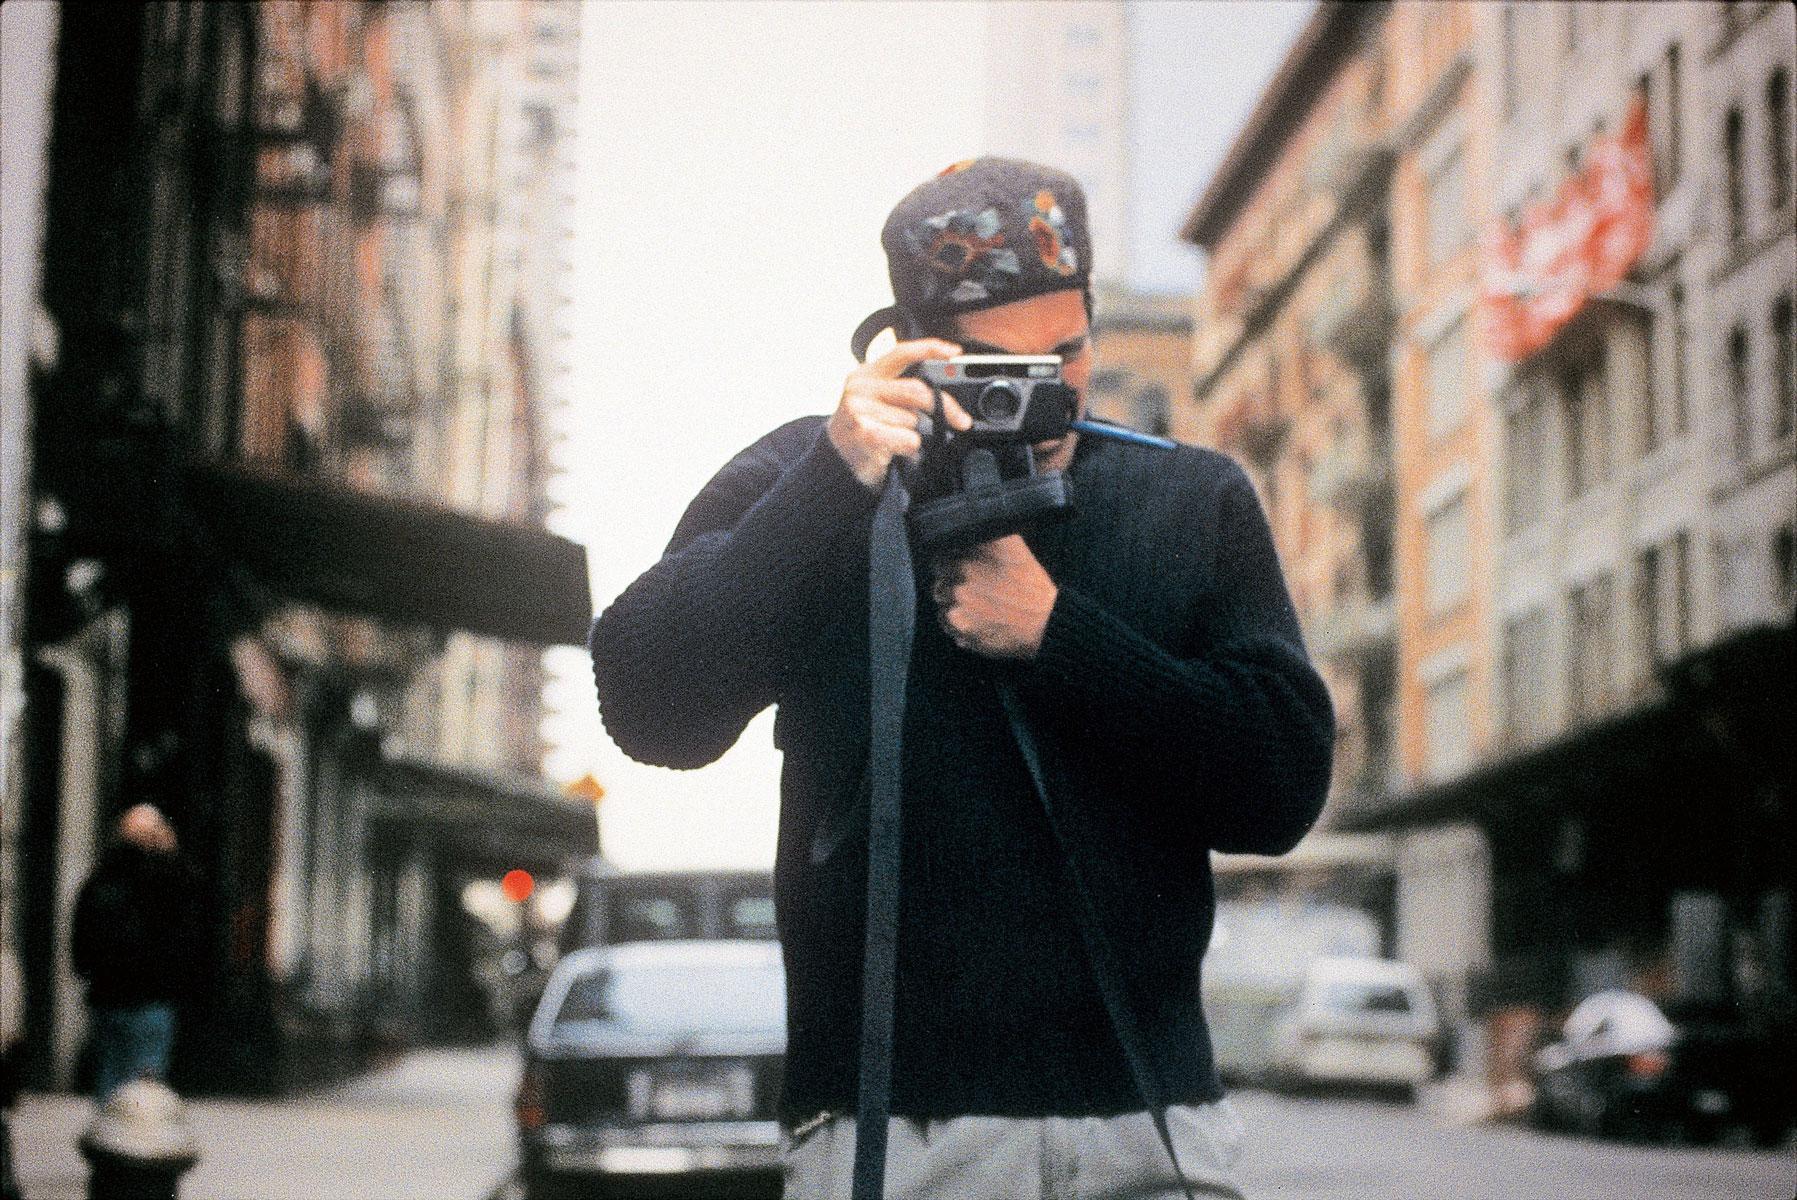 Джон делает фото около своей нью-йоркской квартиры врайоне Трайбека,